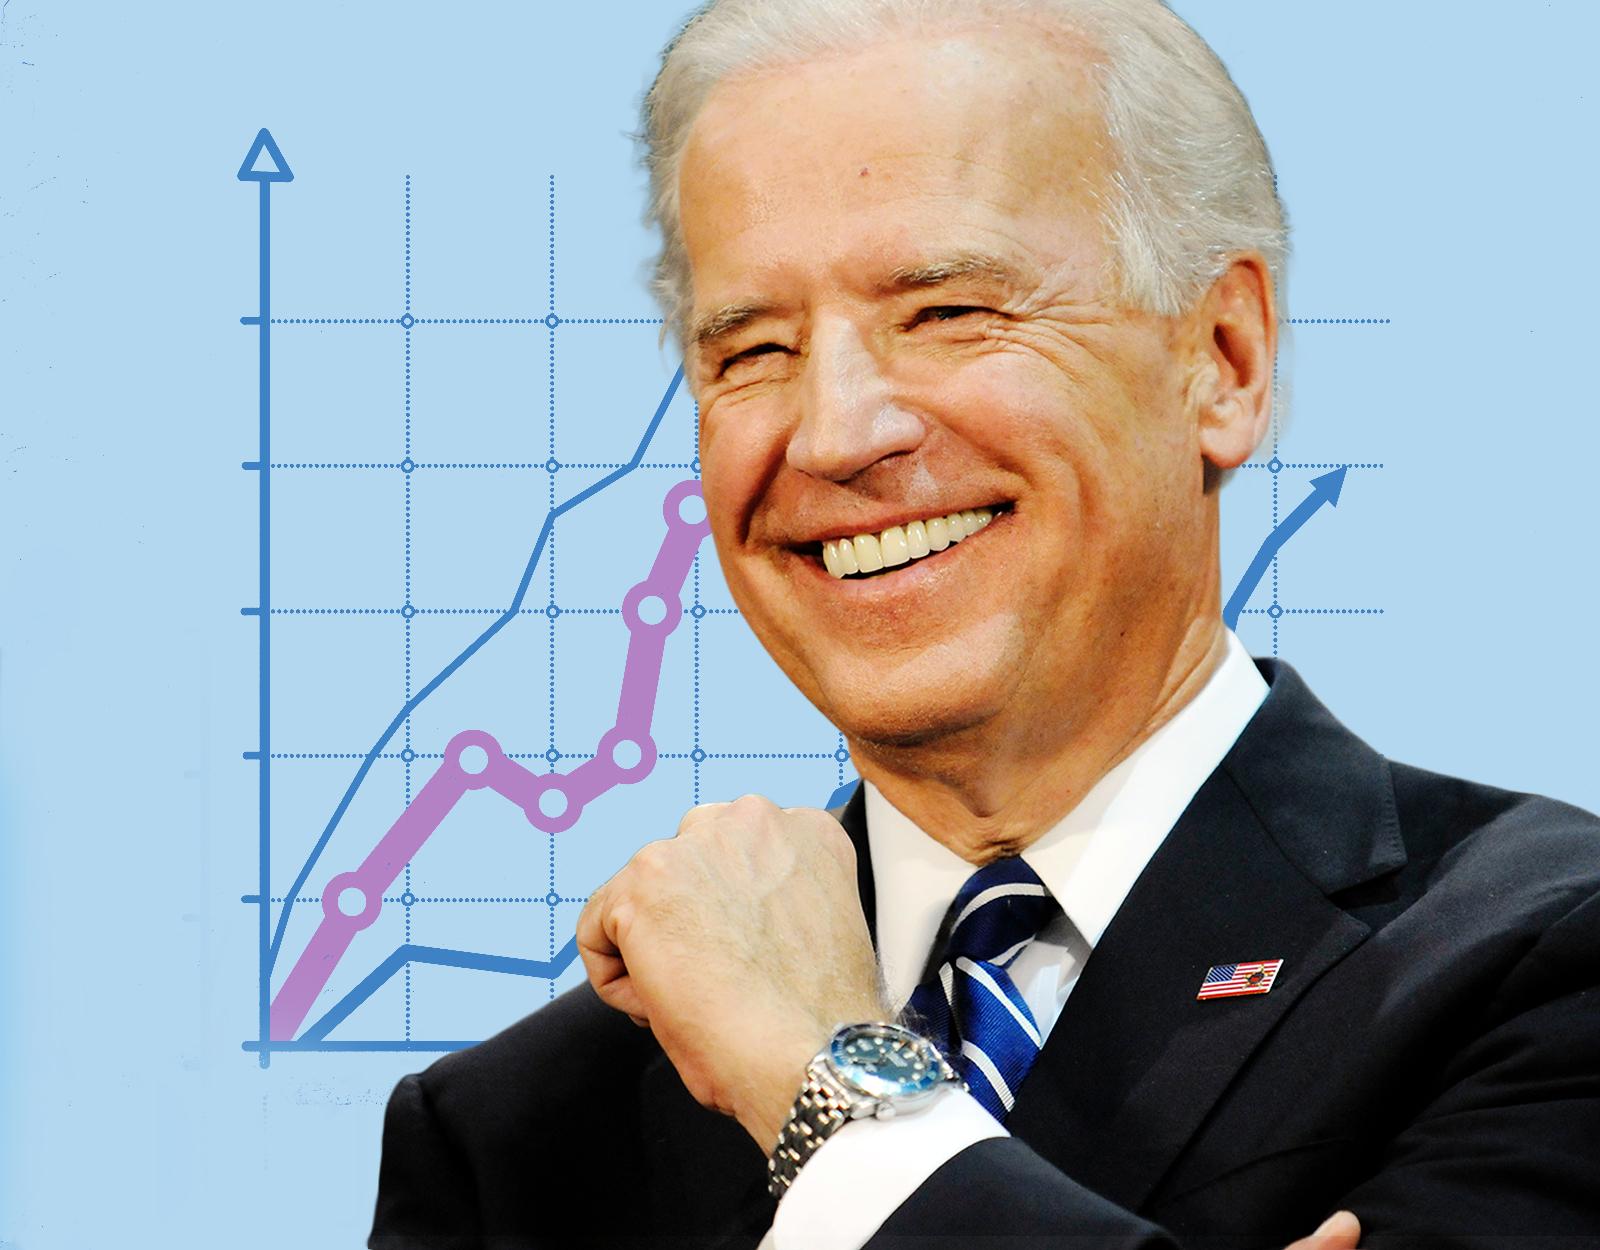 Why Is the Media Sleeping on Joe Biden?